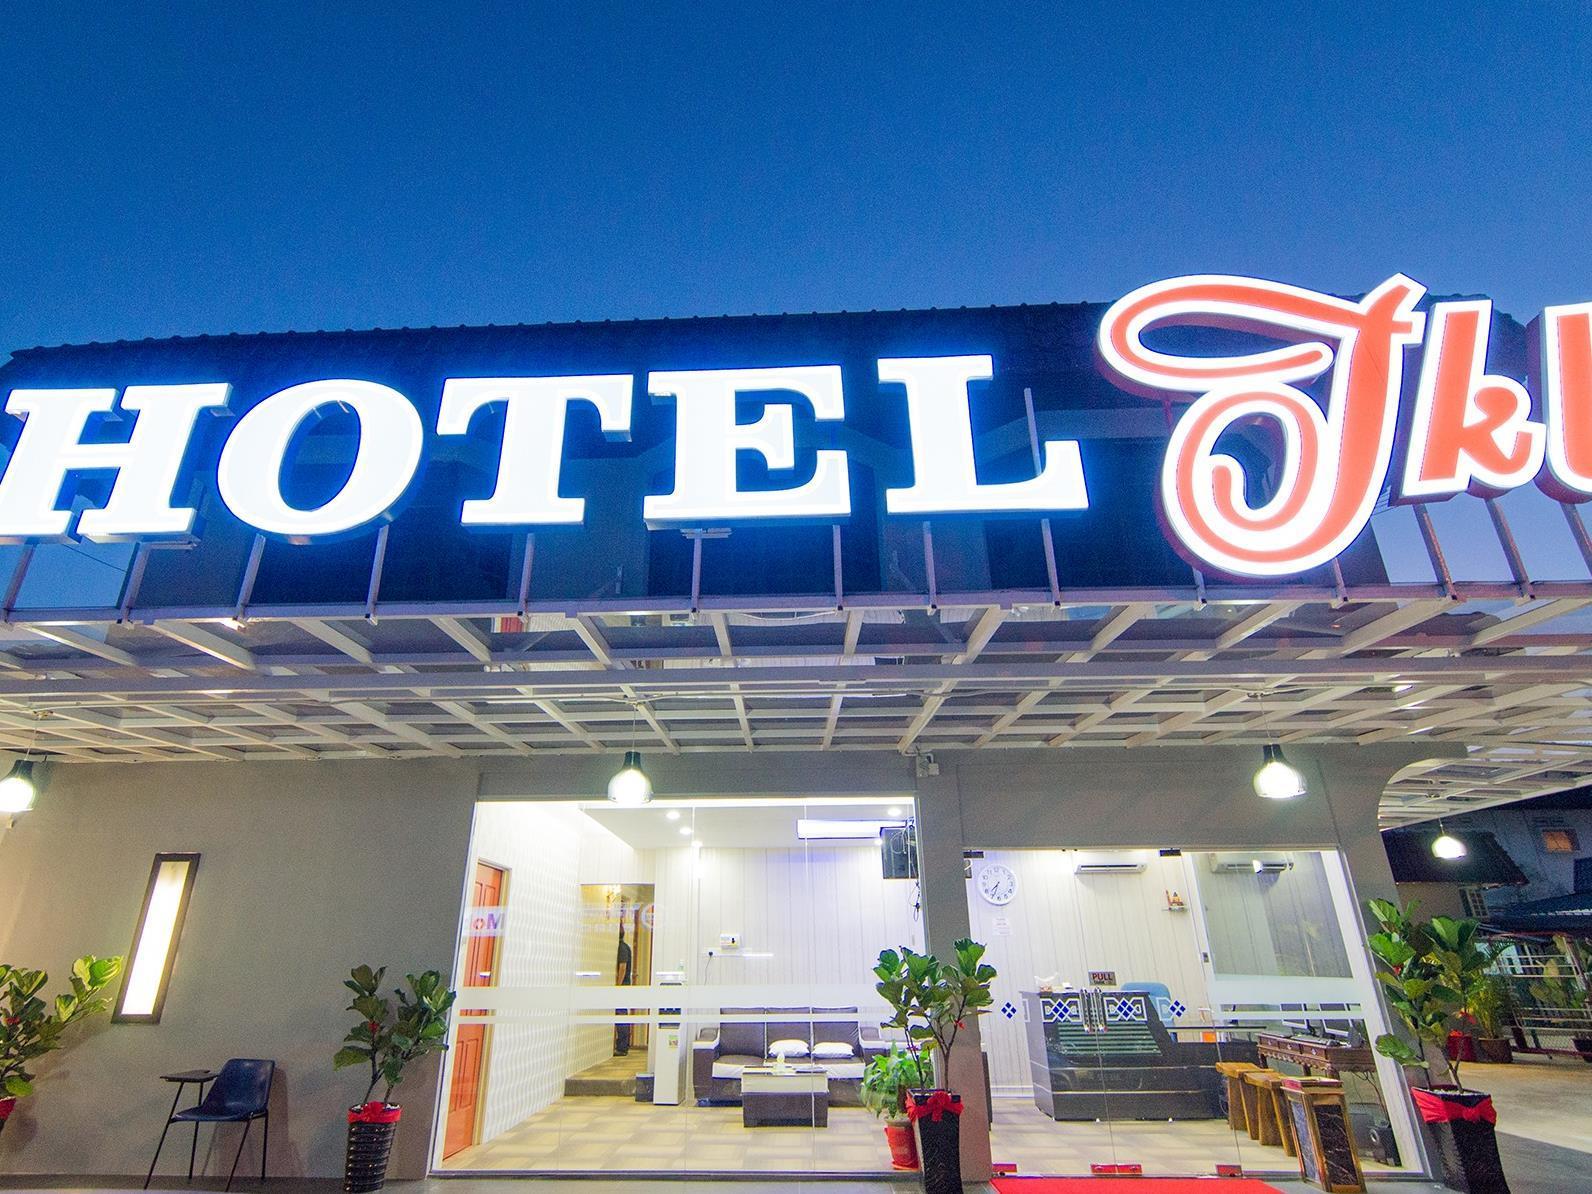 Tkl hotel johor bahru city center johor bahru malaysia for Home decor johor bahru